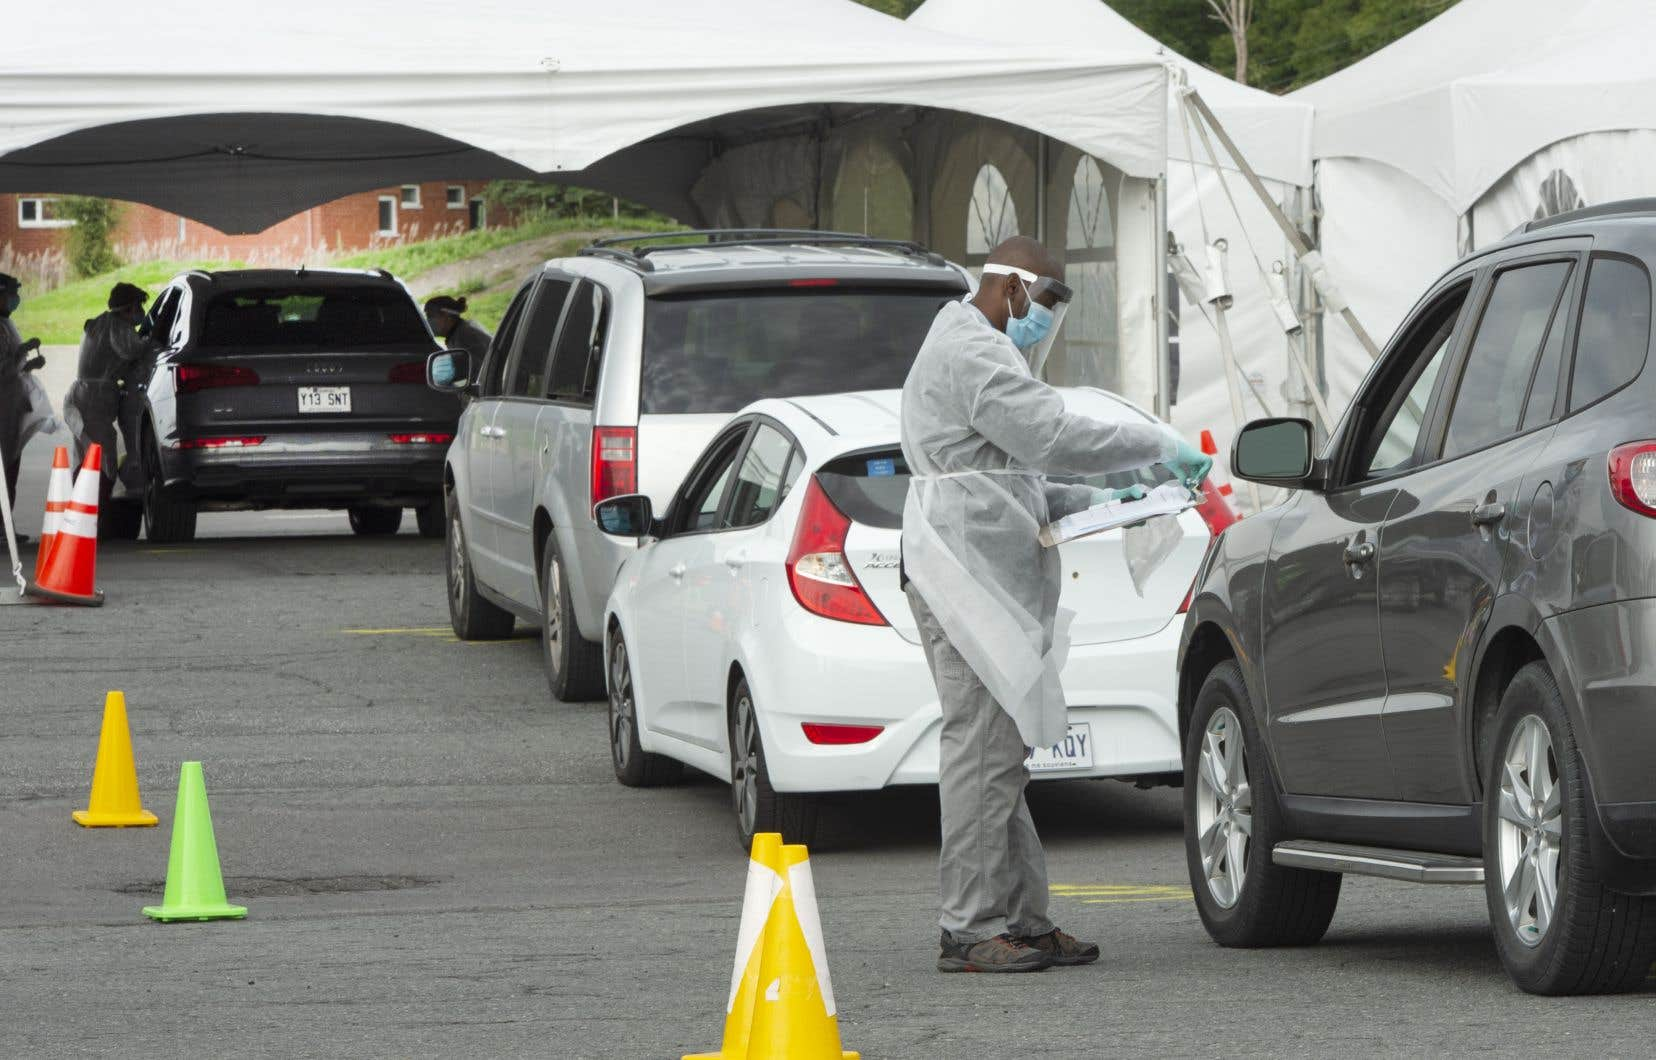 <p>Une cinquième ligne pour les voitures avec une station de dépistage a été ajoutée mercredi, ce qui devrait, selon la gestionnaire, permettre de dépister au moins 600 personnes par jour.</p>